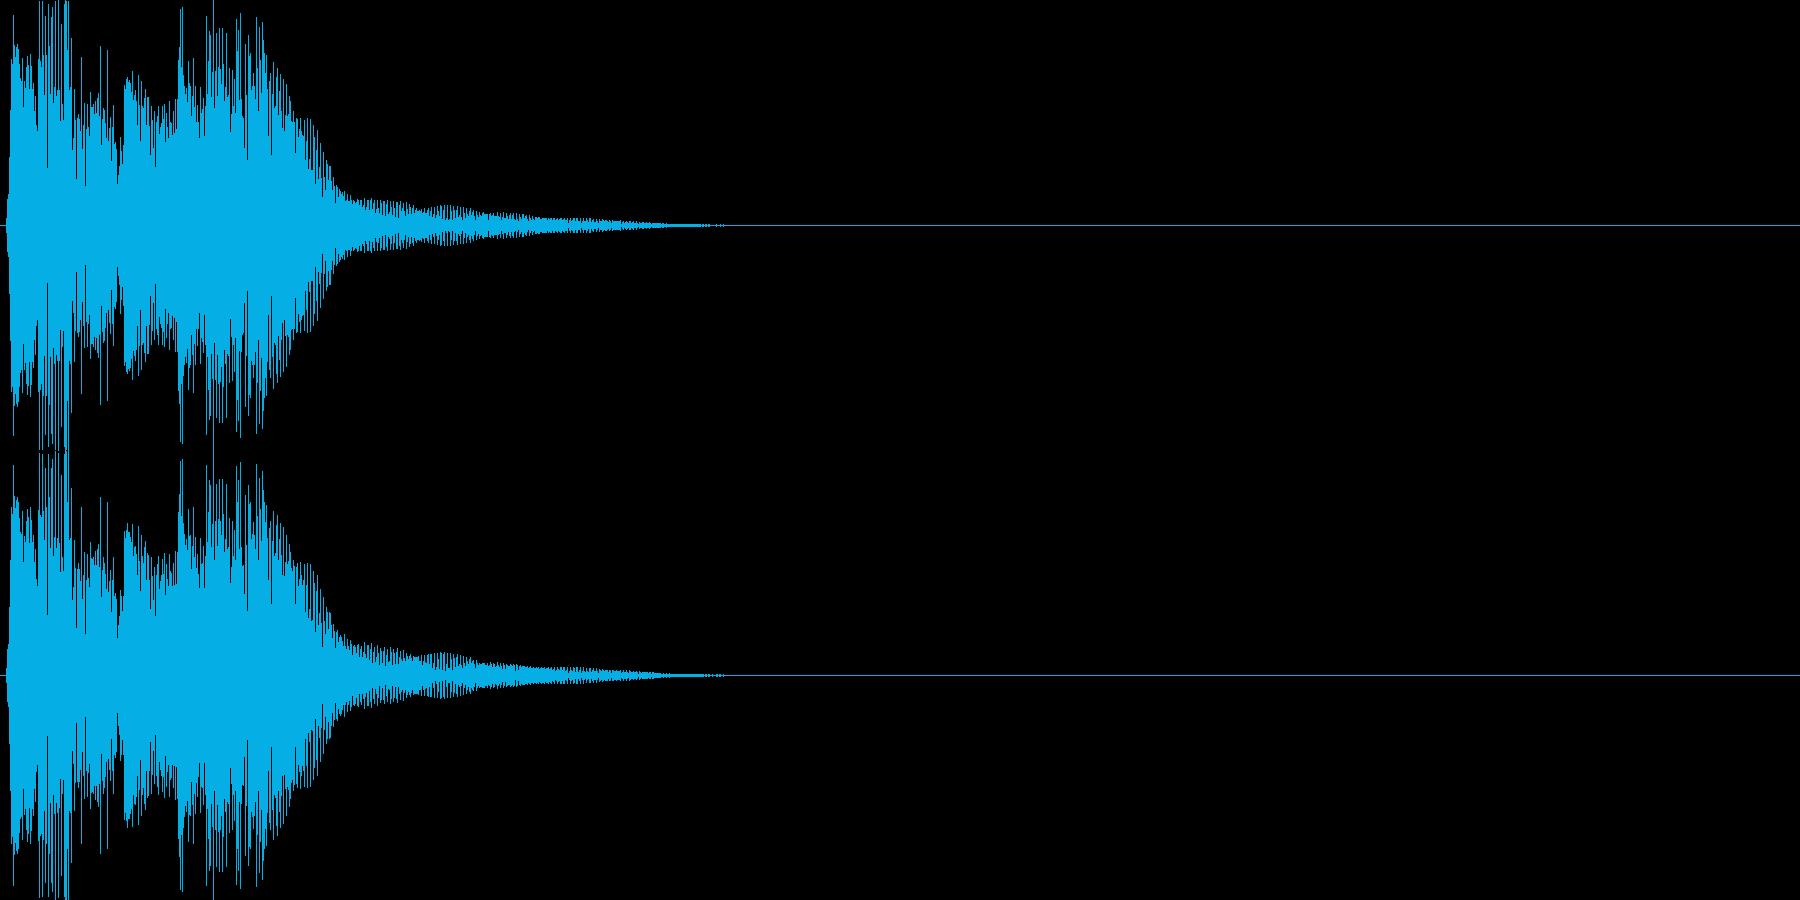 決定・空気感・キャッチー・印象的21の再生済みの波形